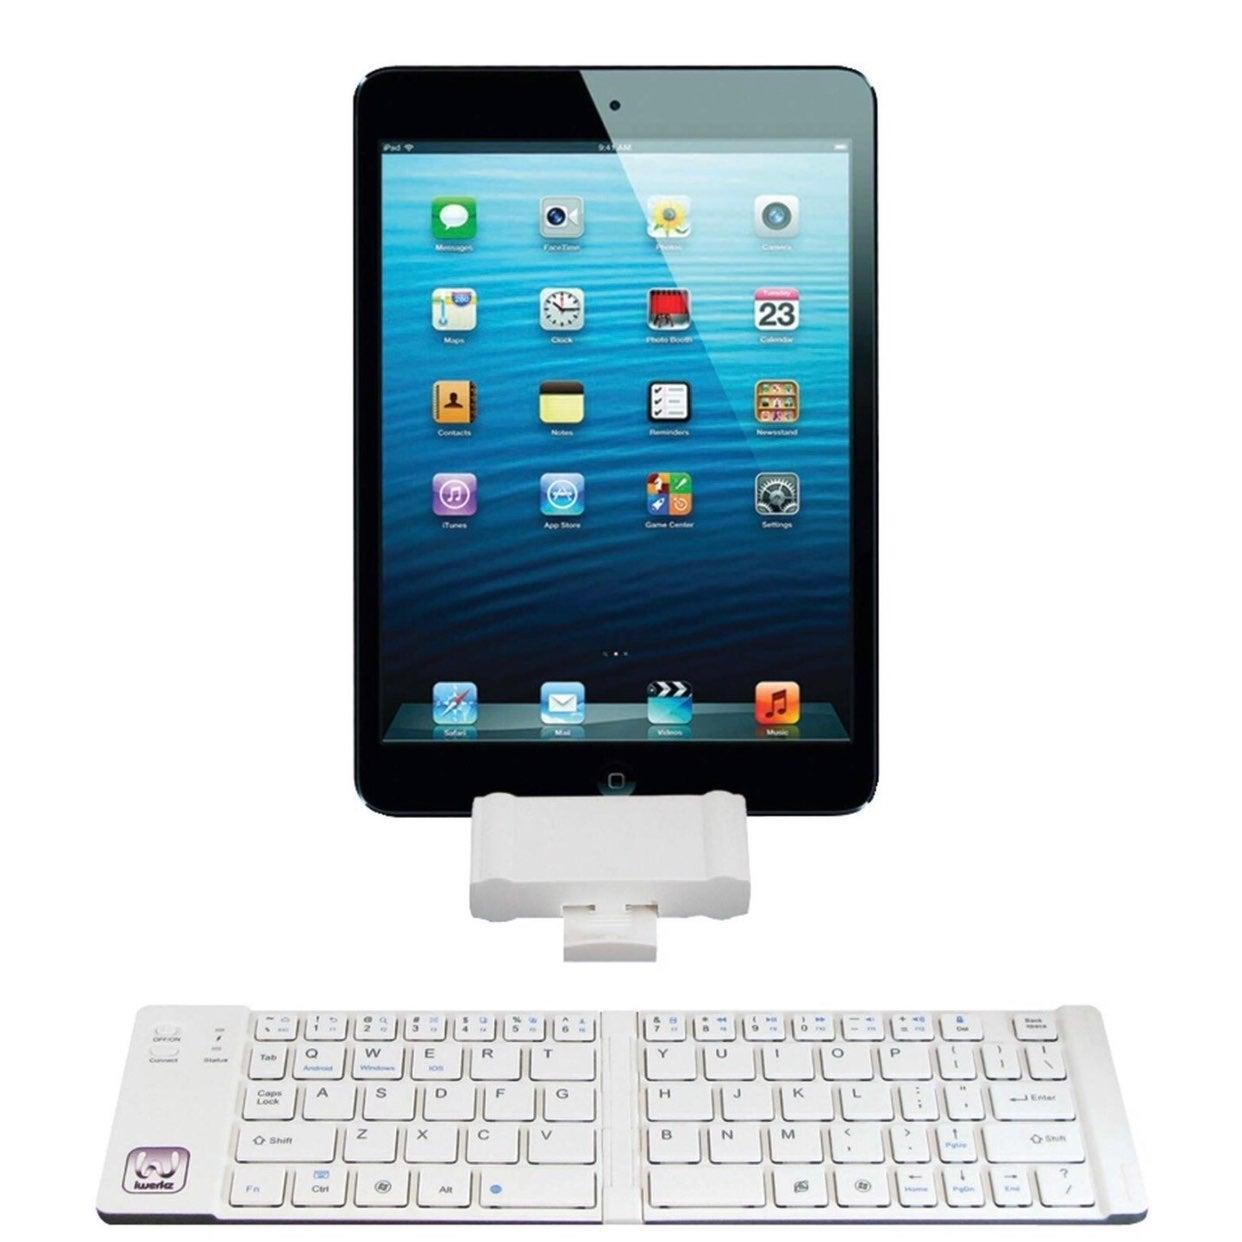 Universal Foldable Bluetooth Keyboard